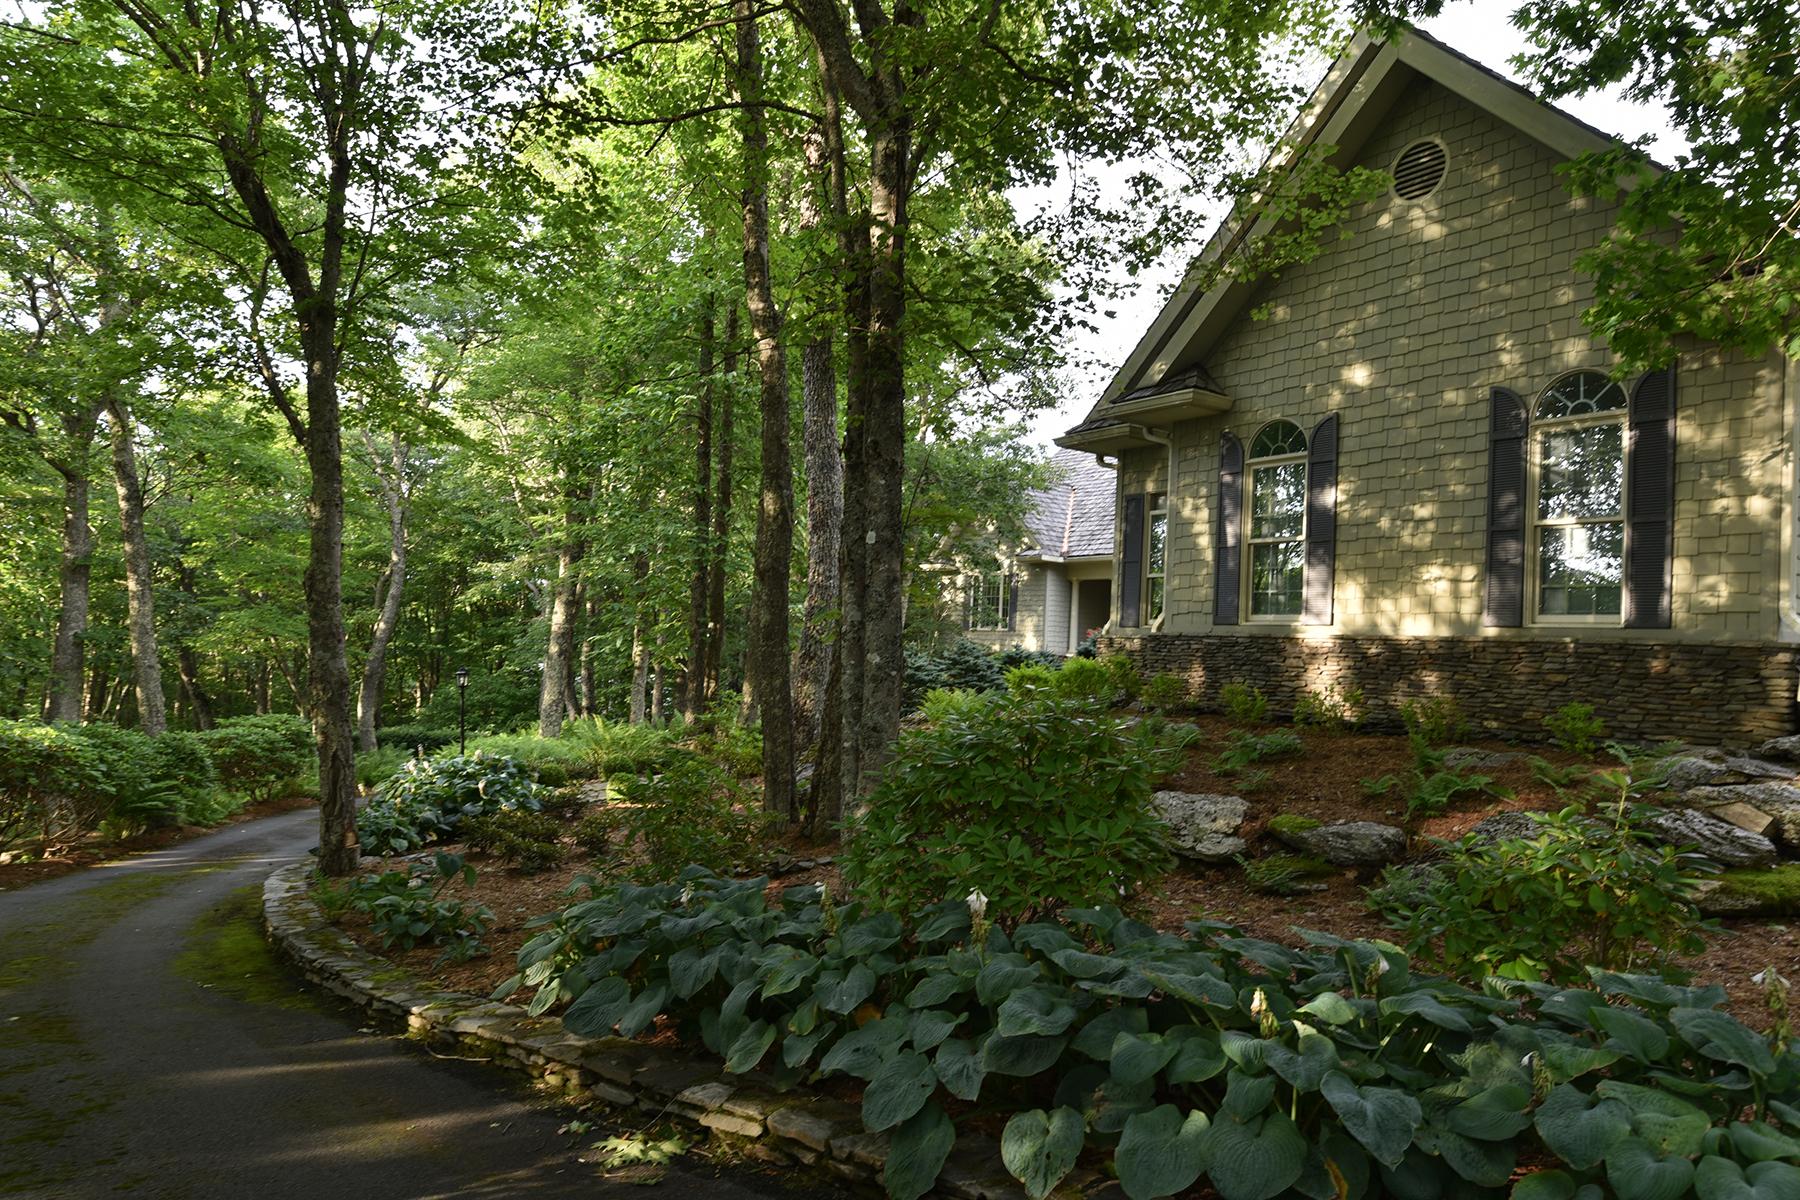 Single Family Home for Sale at BANNER ELK - ELK RIVER CLUB 477 Summit Park Drive Banner Elk, North Carolina, 28604 United States